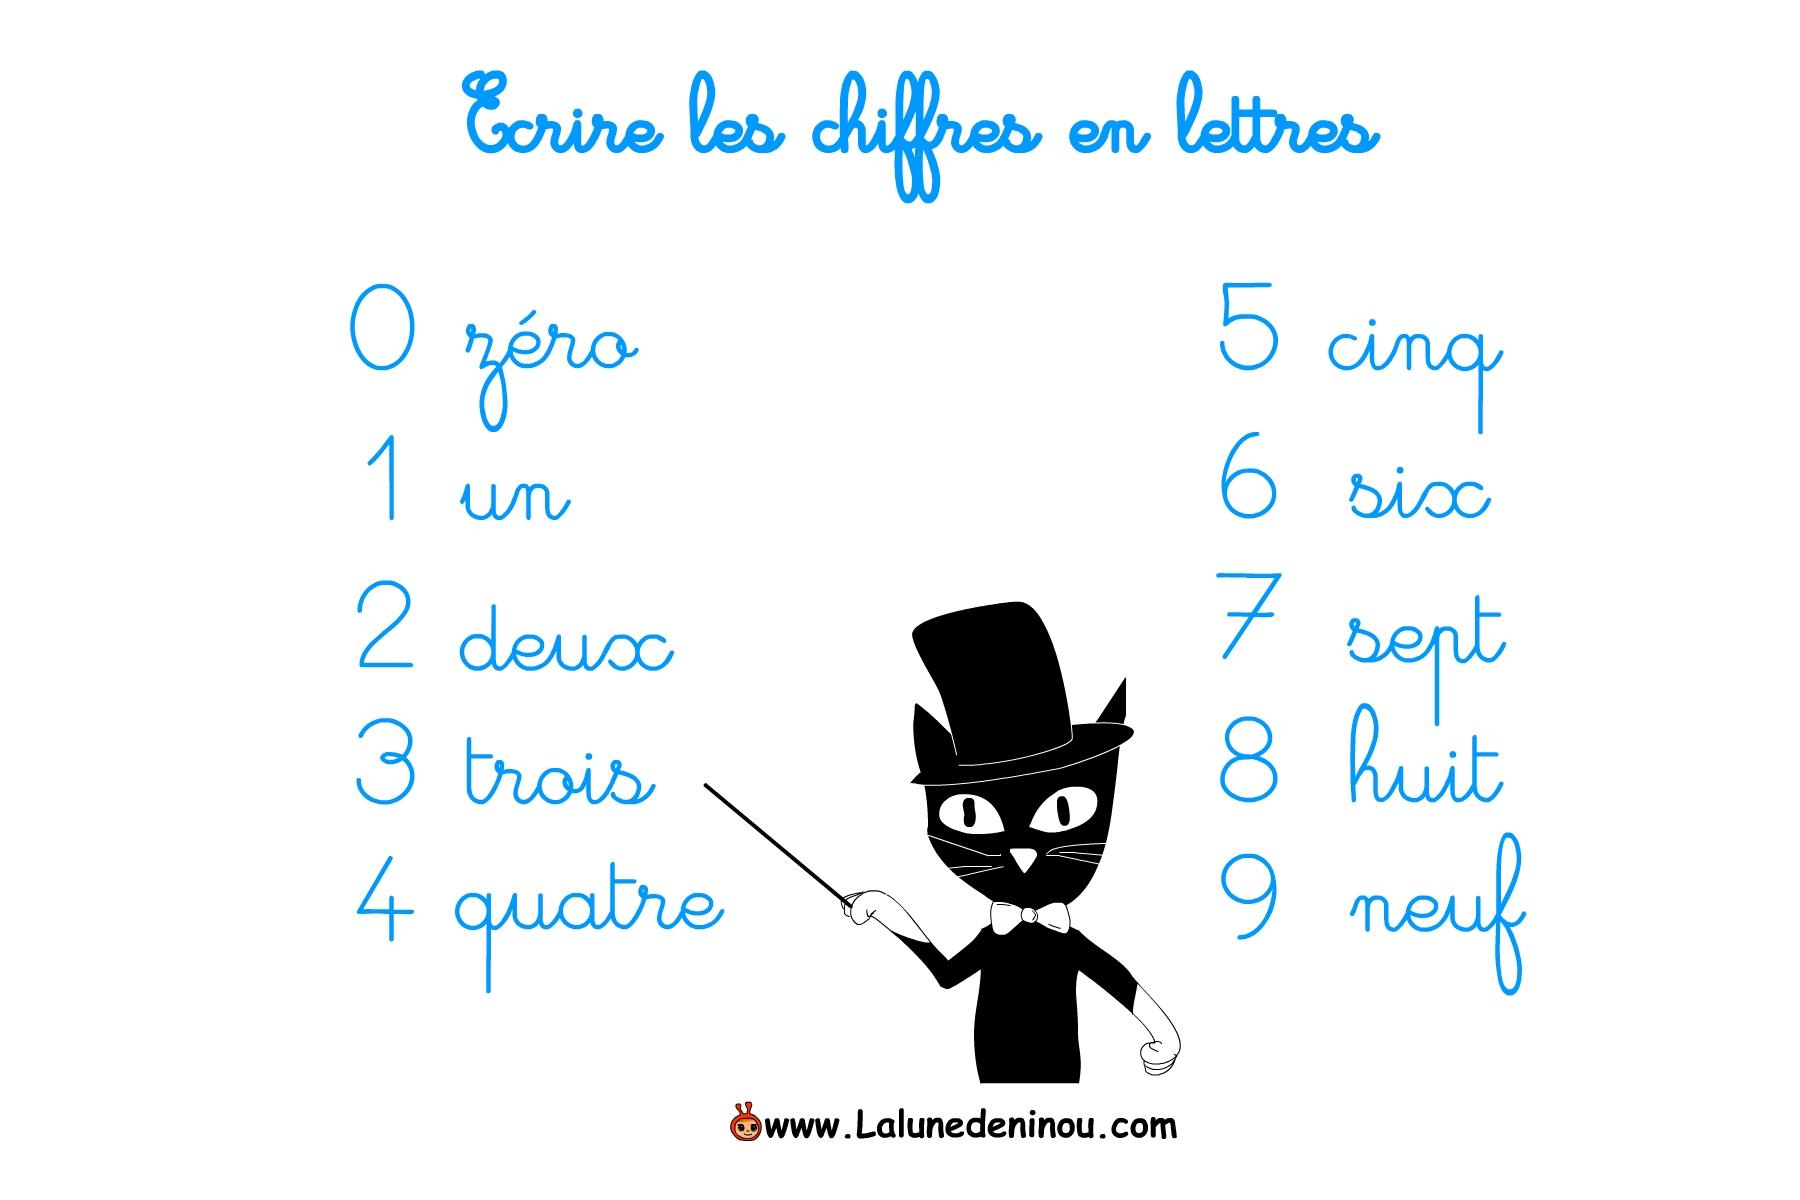 Ecrire Les Chiffres En Lettres - Jeux Pour Enfants Sur pour Jeux De Lettres Enfants